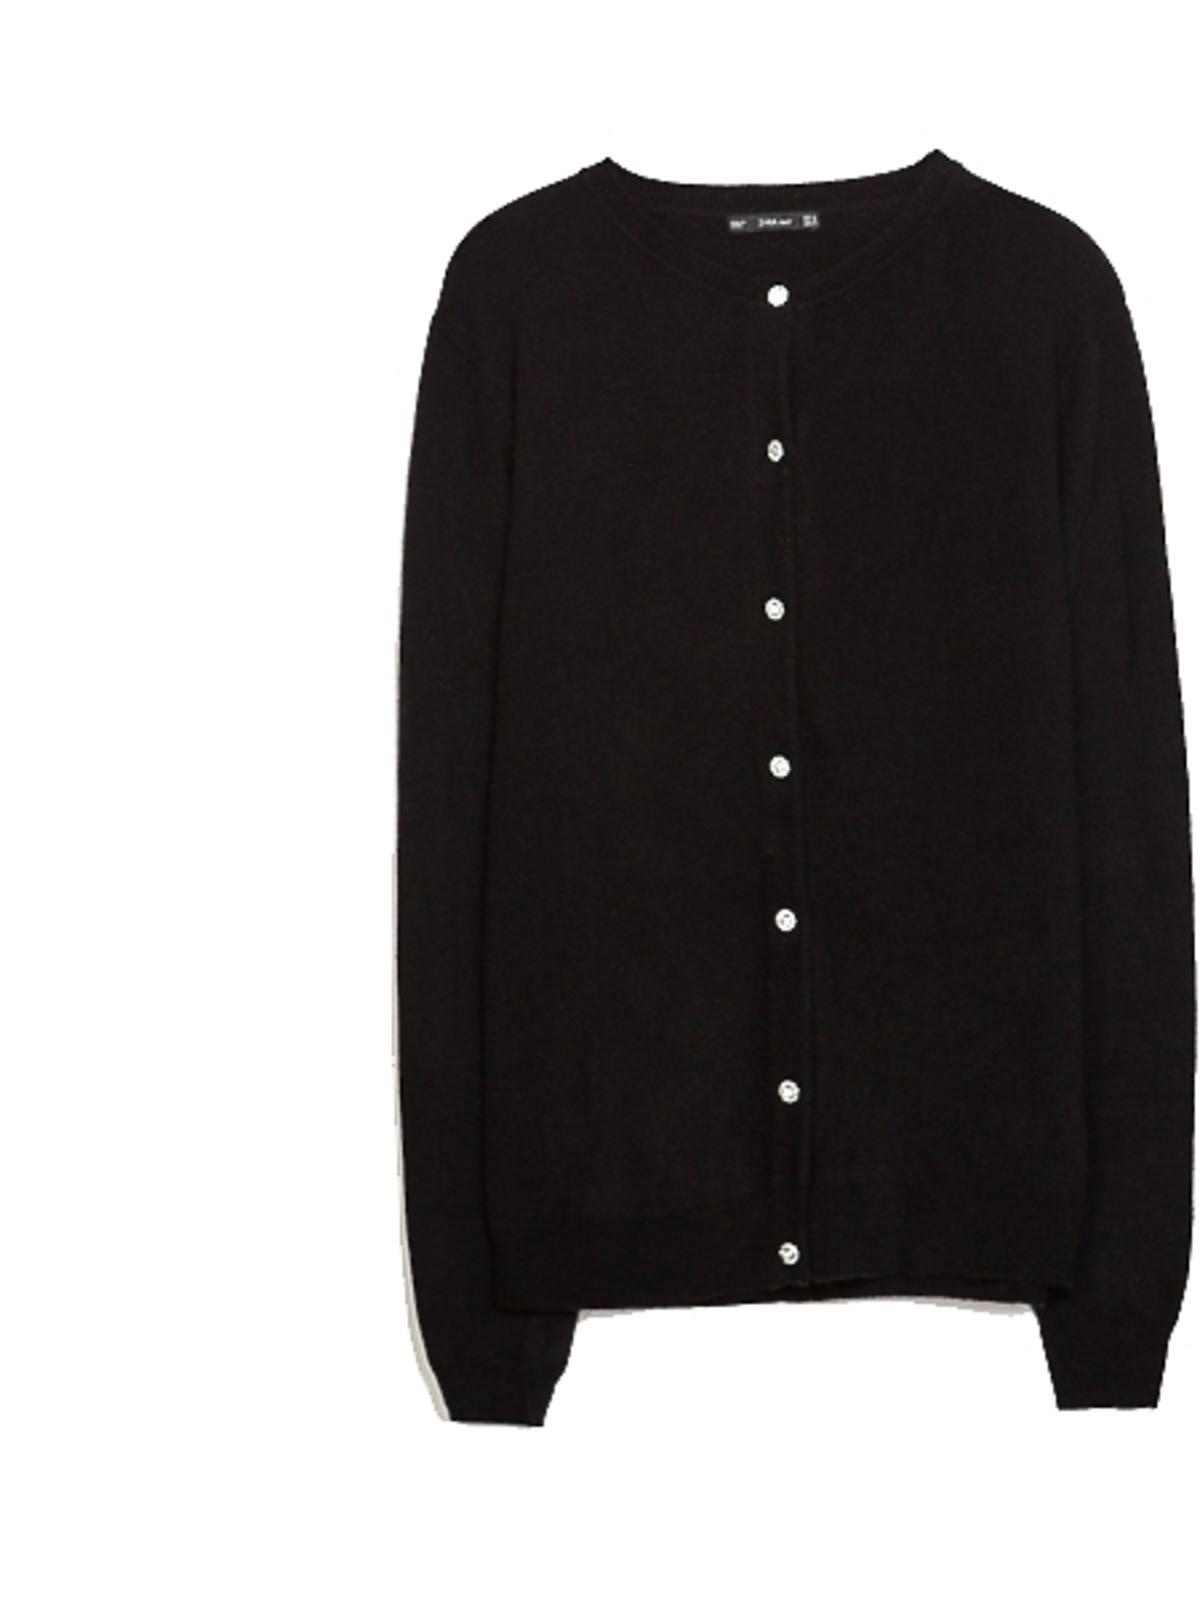 Czarny kardigan Zara, cena